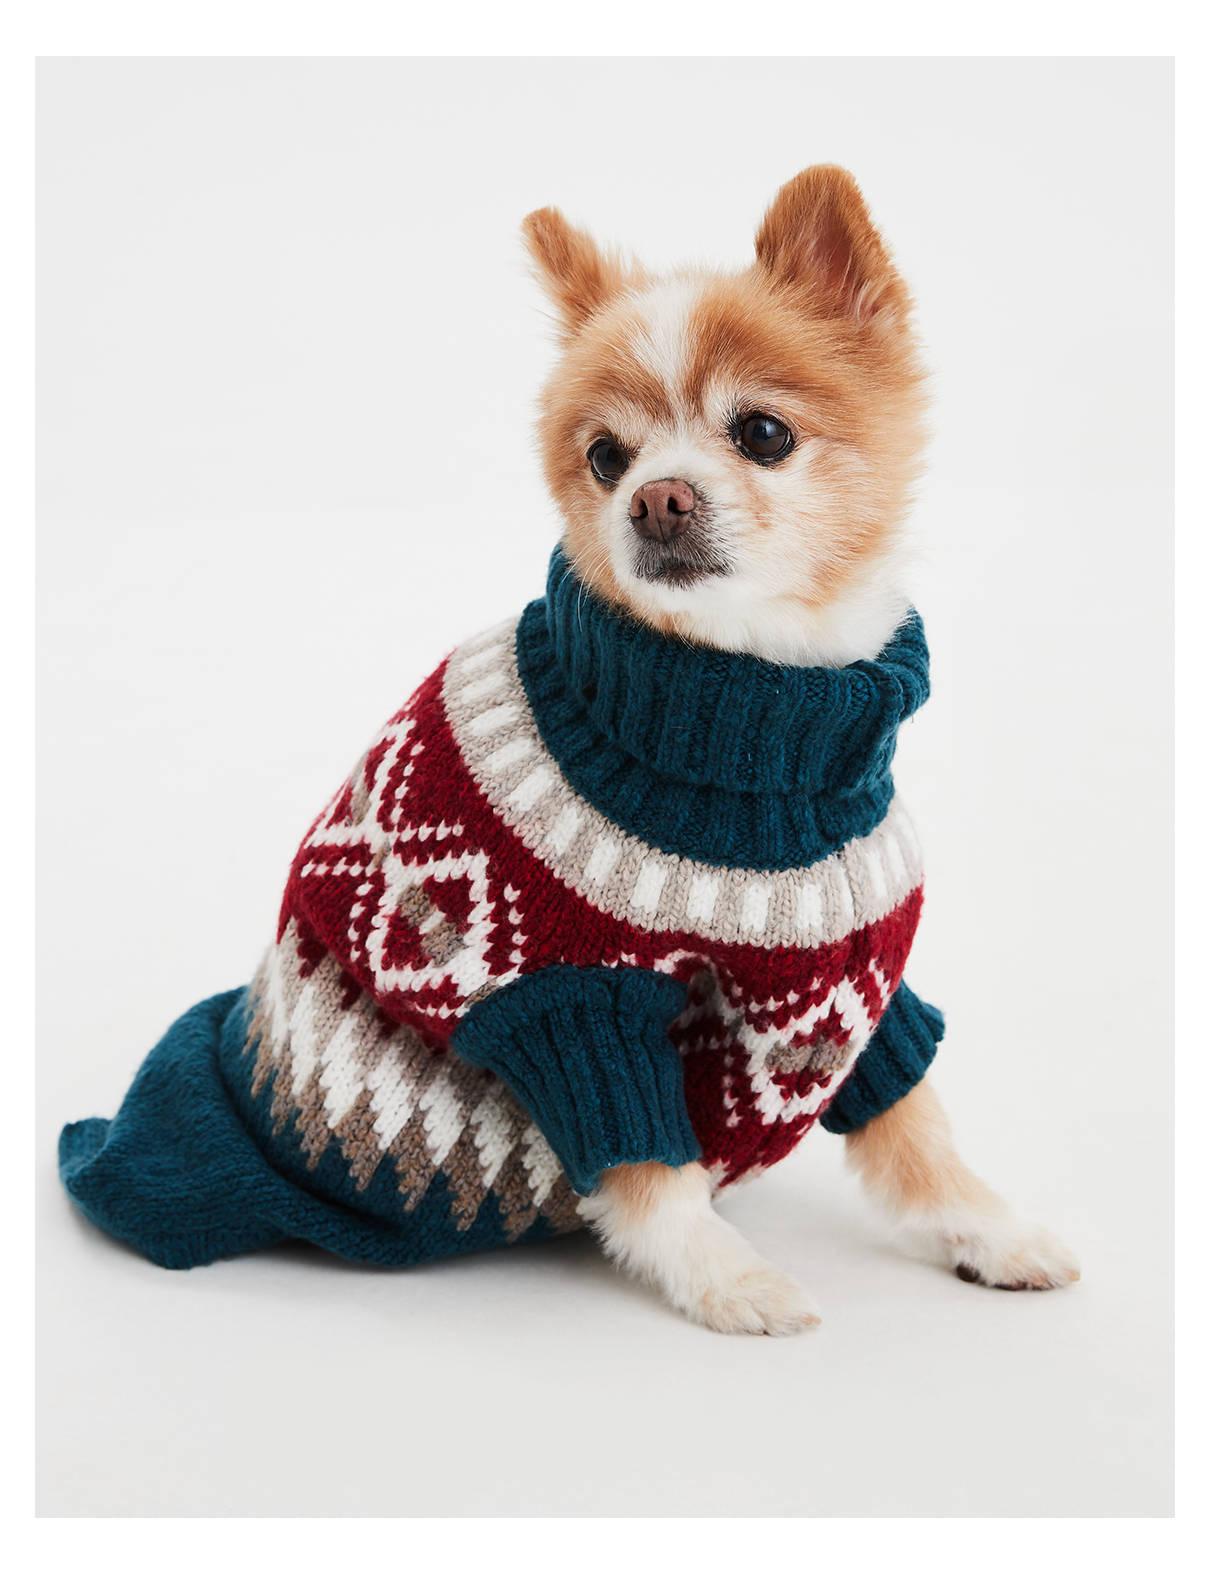 【アメリカンイーグル公式】American Beagle Outfittersドッグセーター ブルー